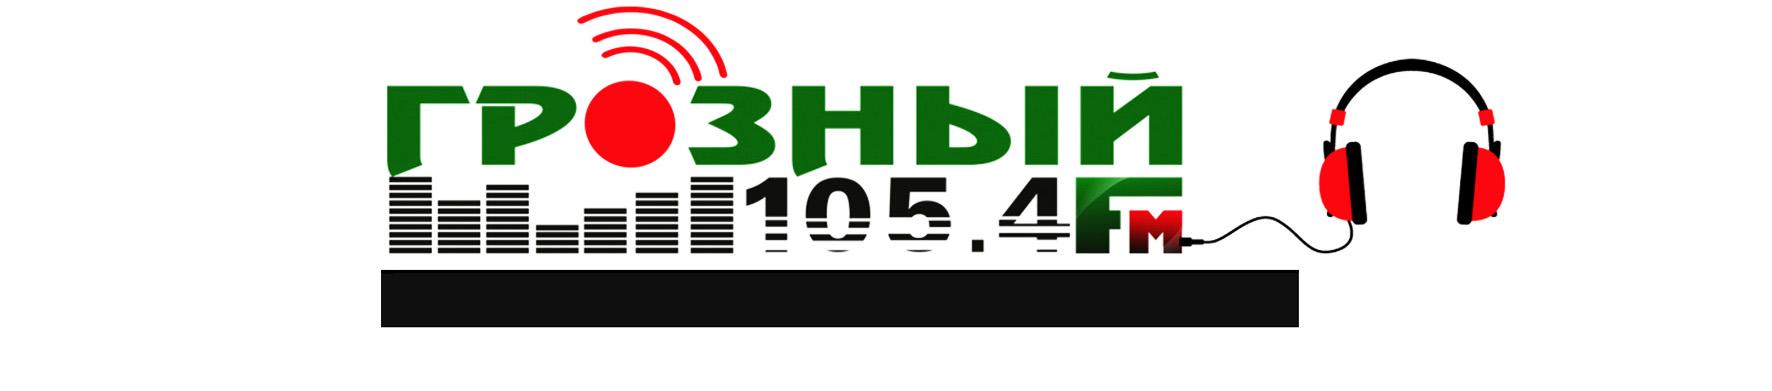 реклама на радио в Чечне Грозный